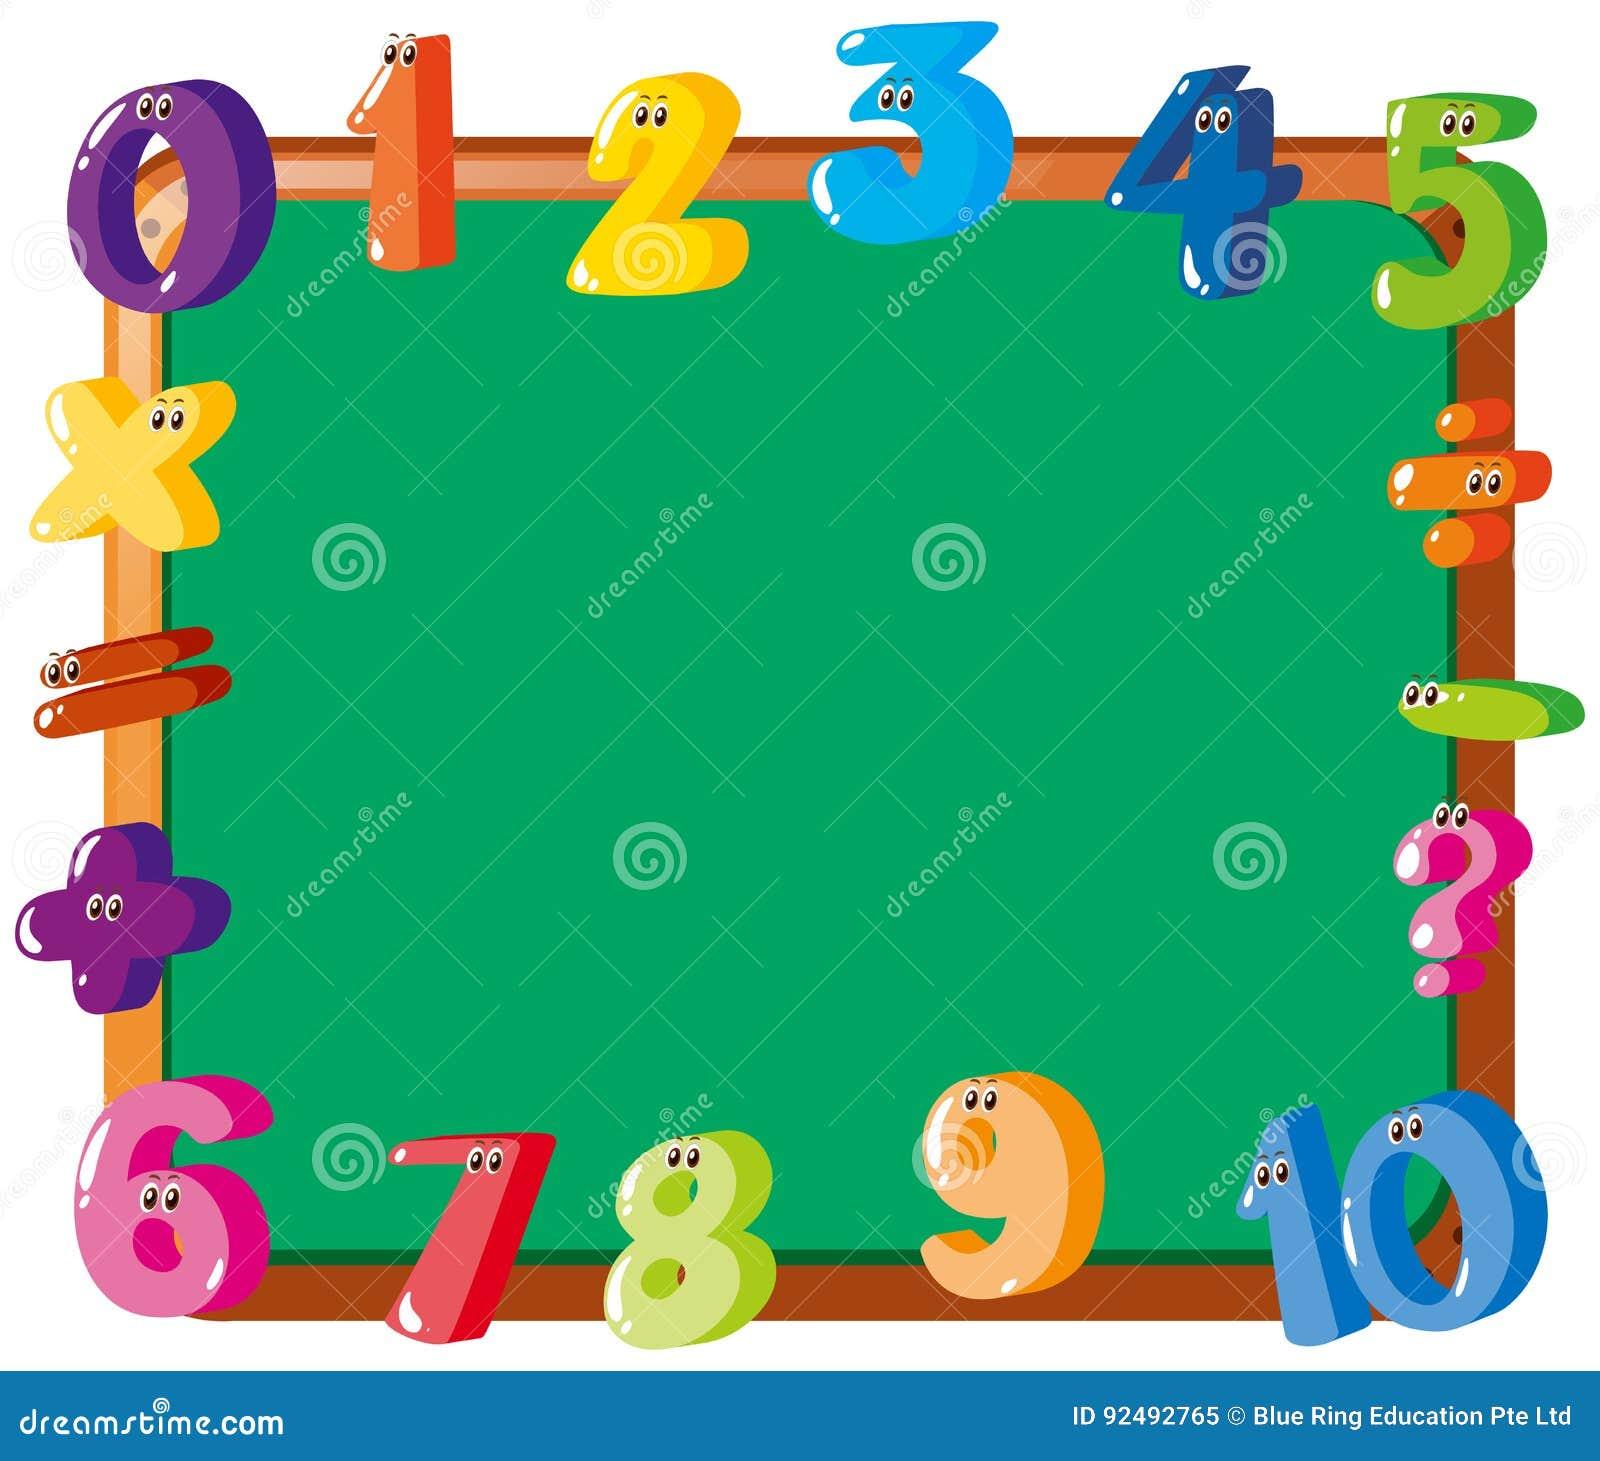 Projeto do quadro com números coloridos na beira